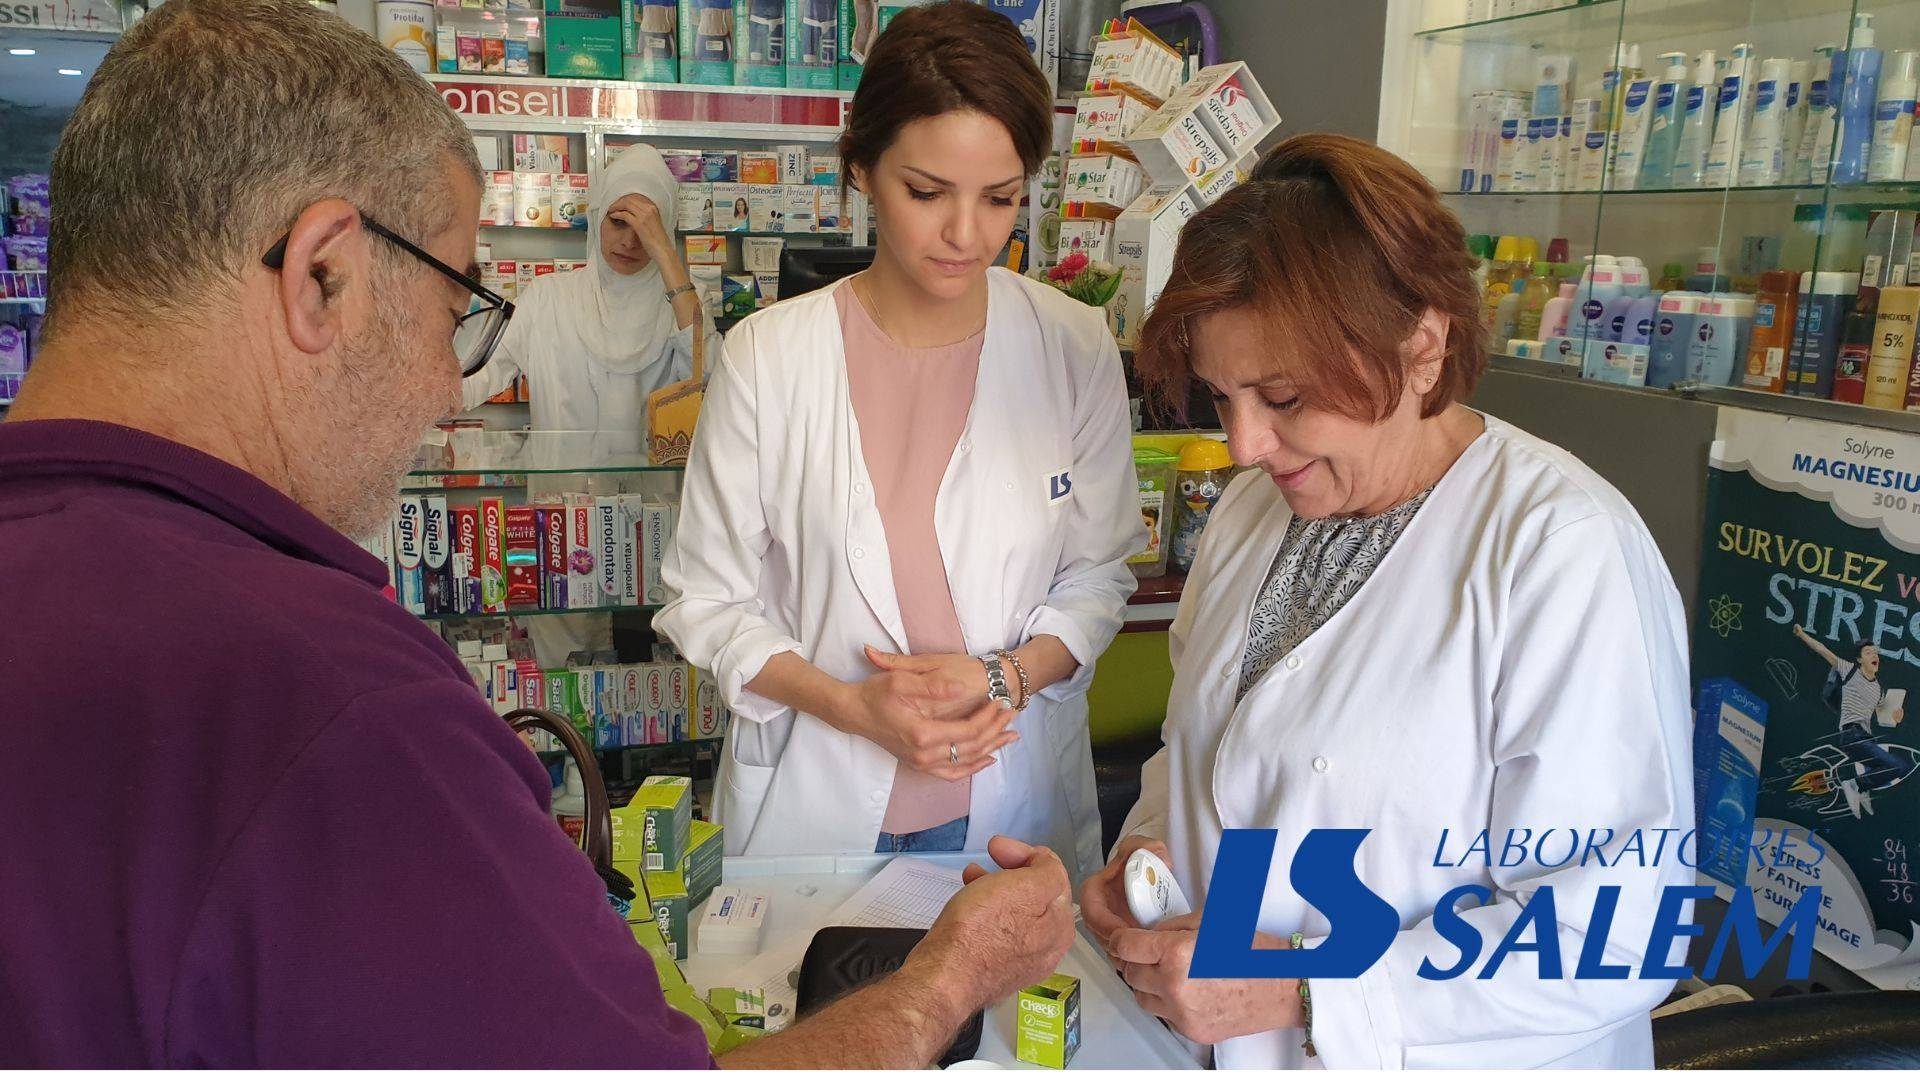 Laboratoires SALEM à la Pharmacie Helis